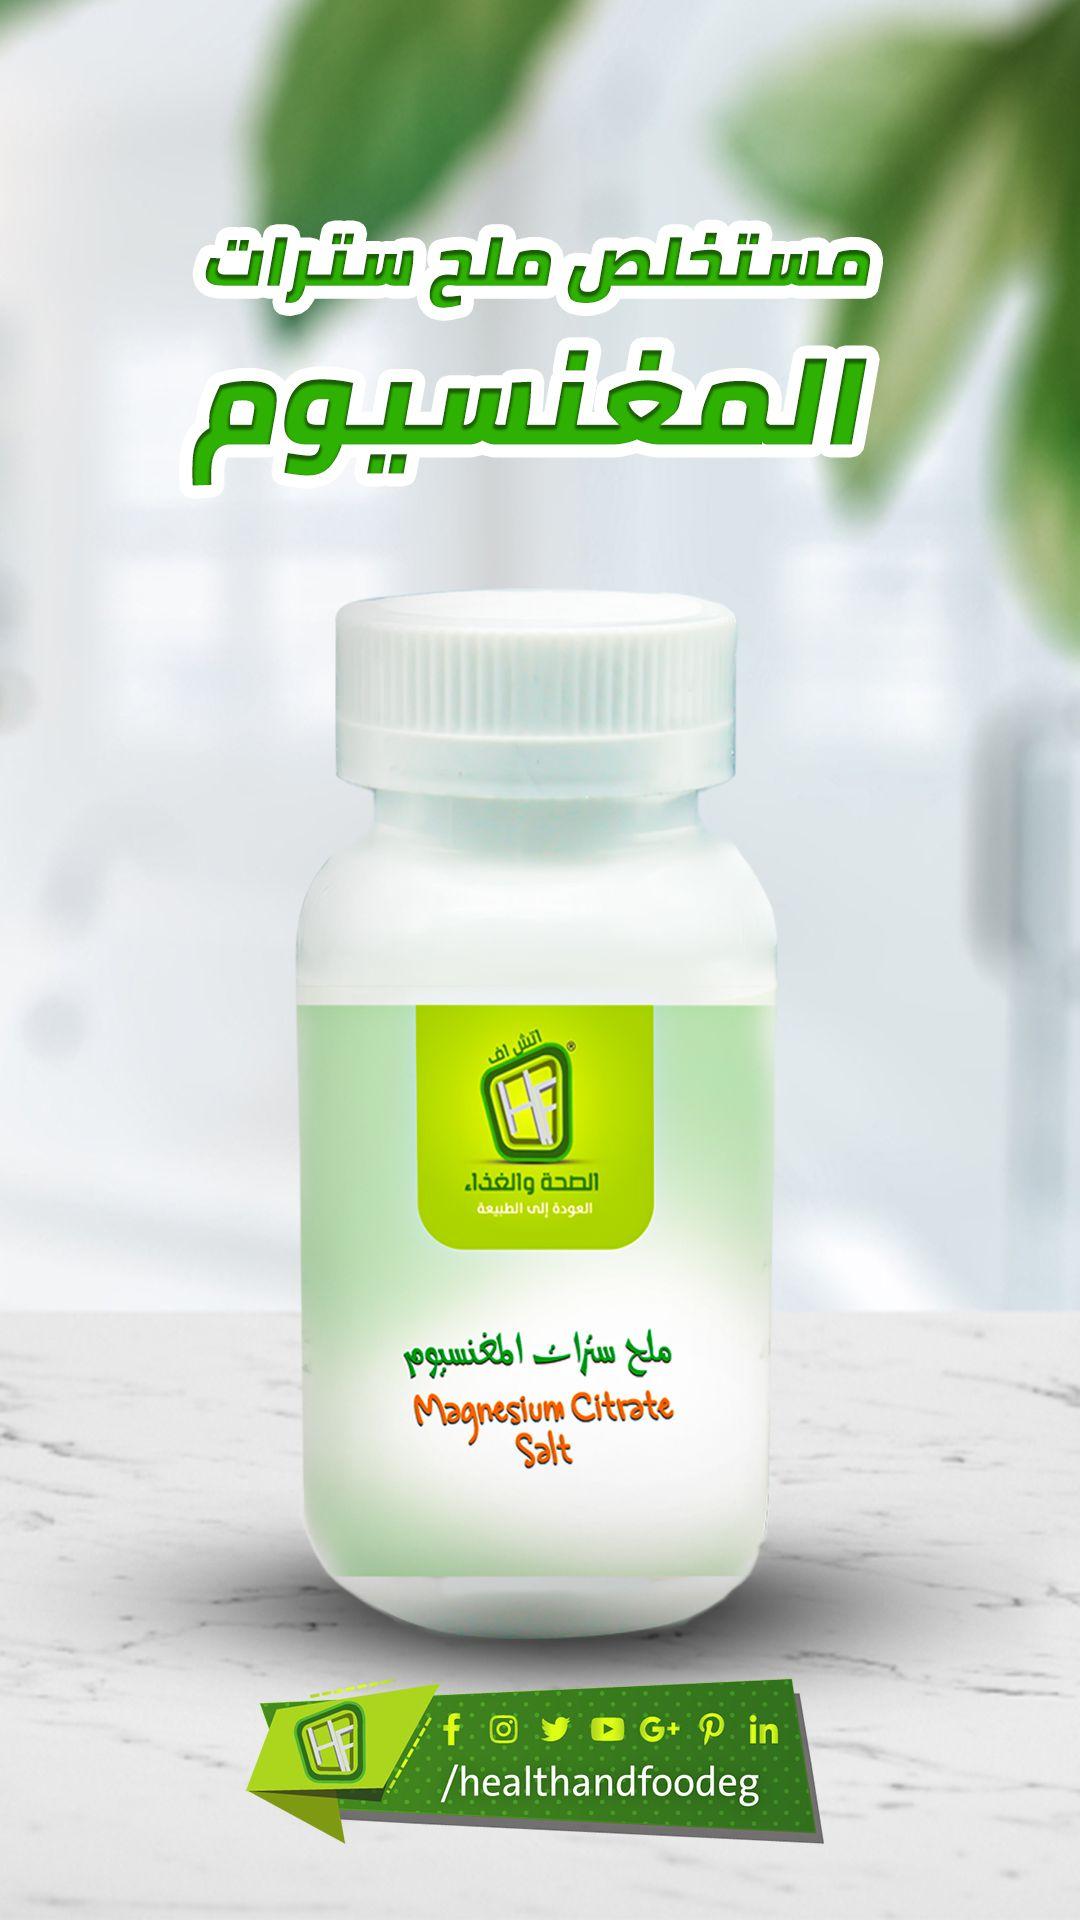 حكاية عنصر كيميائي مهم جد ا للصحة مستخلص سترات الماغنسيوم لو نقص في أي وقت بيتعرض الشخص لأعراض جانبية زي آلام الرأس Coconut Oil Jar Coconut Oil Oils